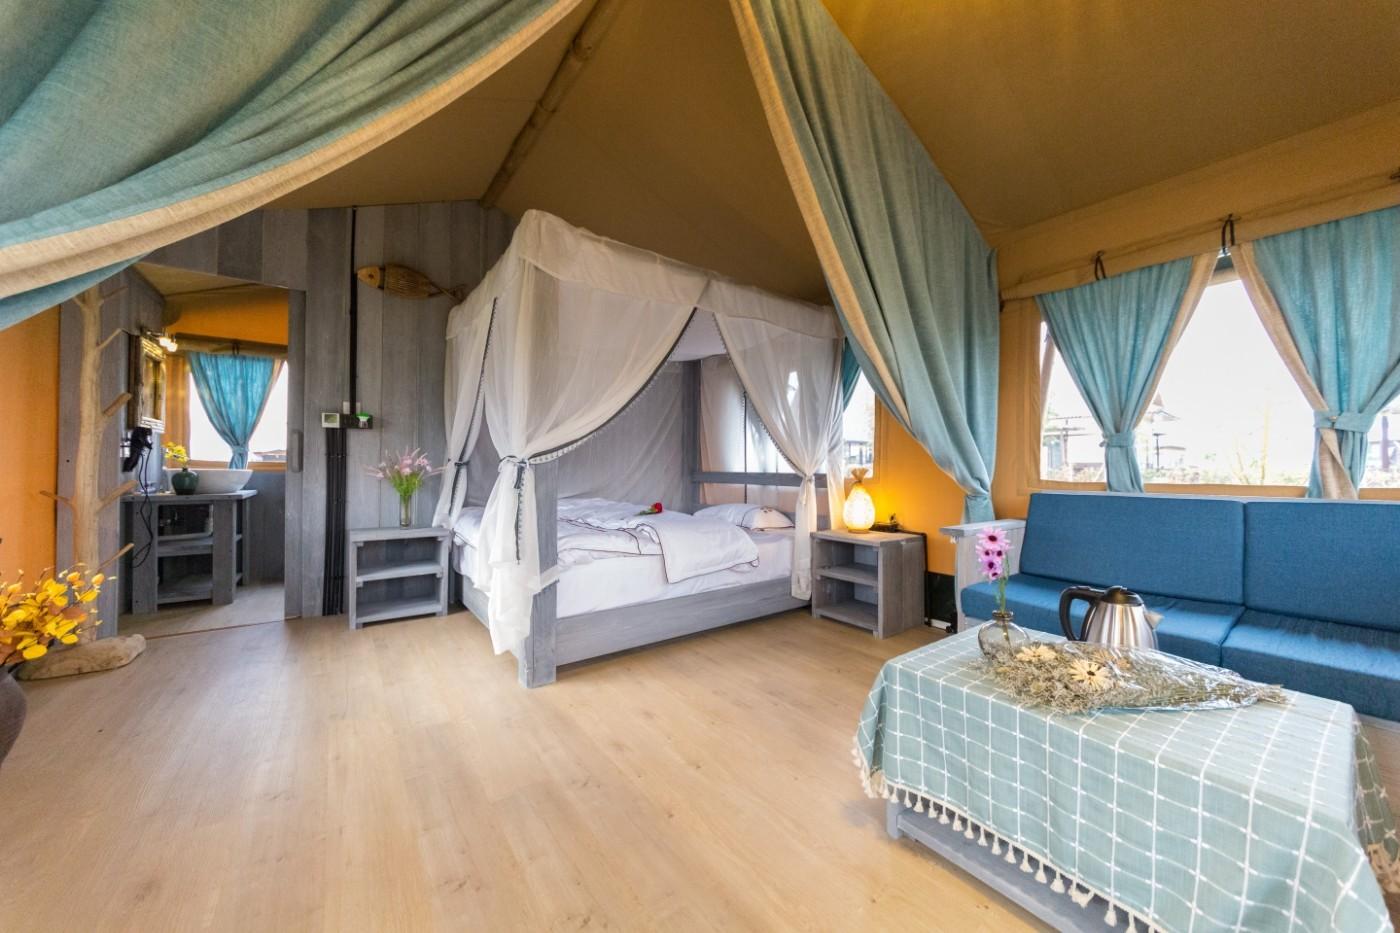 喜马拉雅野奢帐篷酒店—浙江留香之家露营地(54平)25